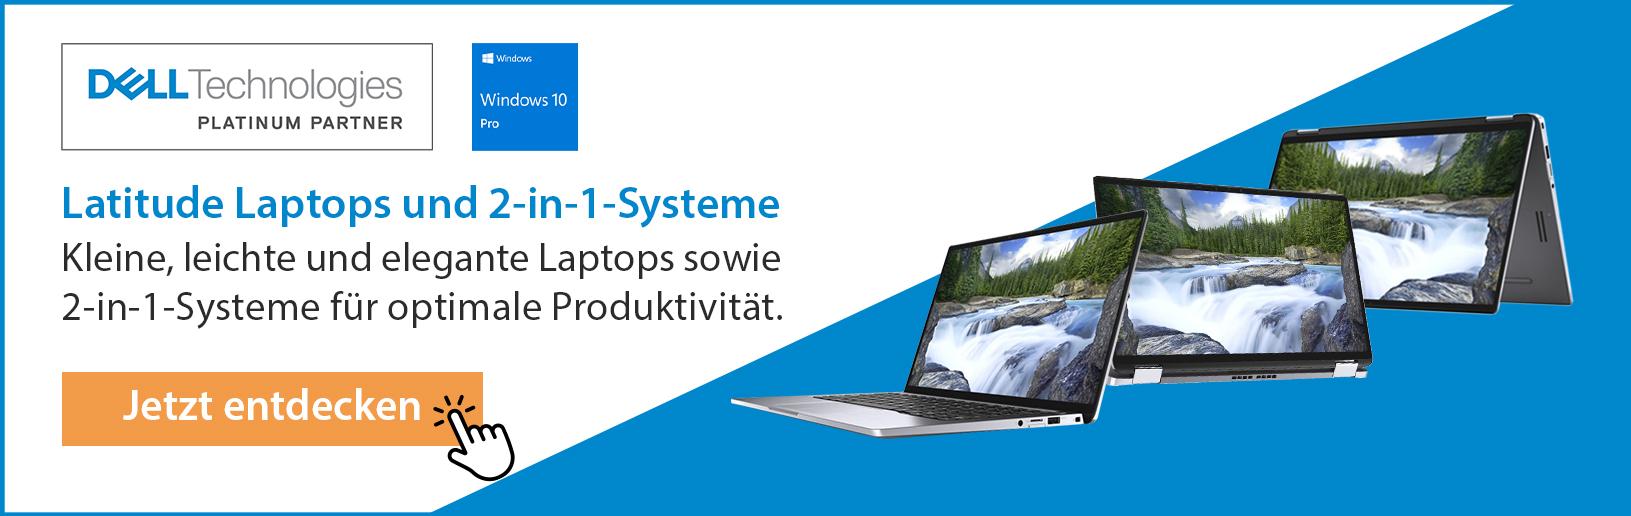 WF-2021-08-PC-Systeme-mobile-Dell